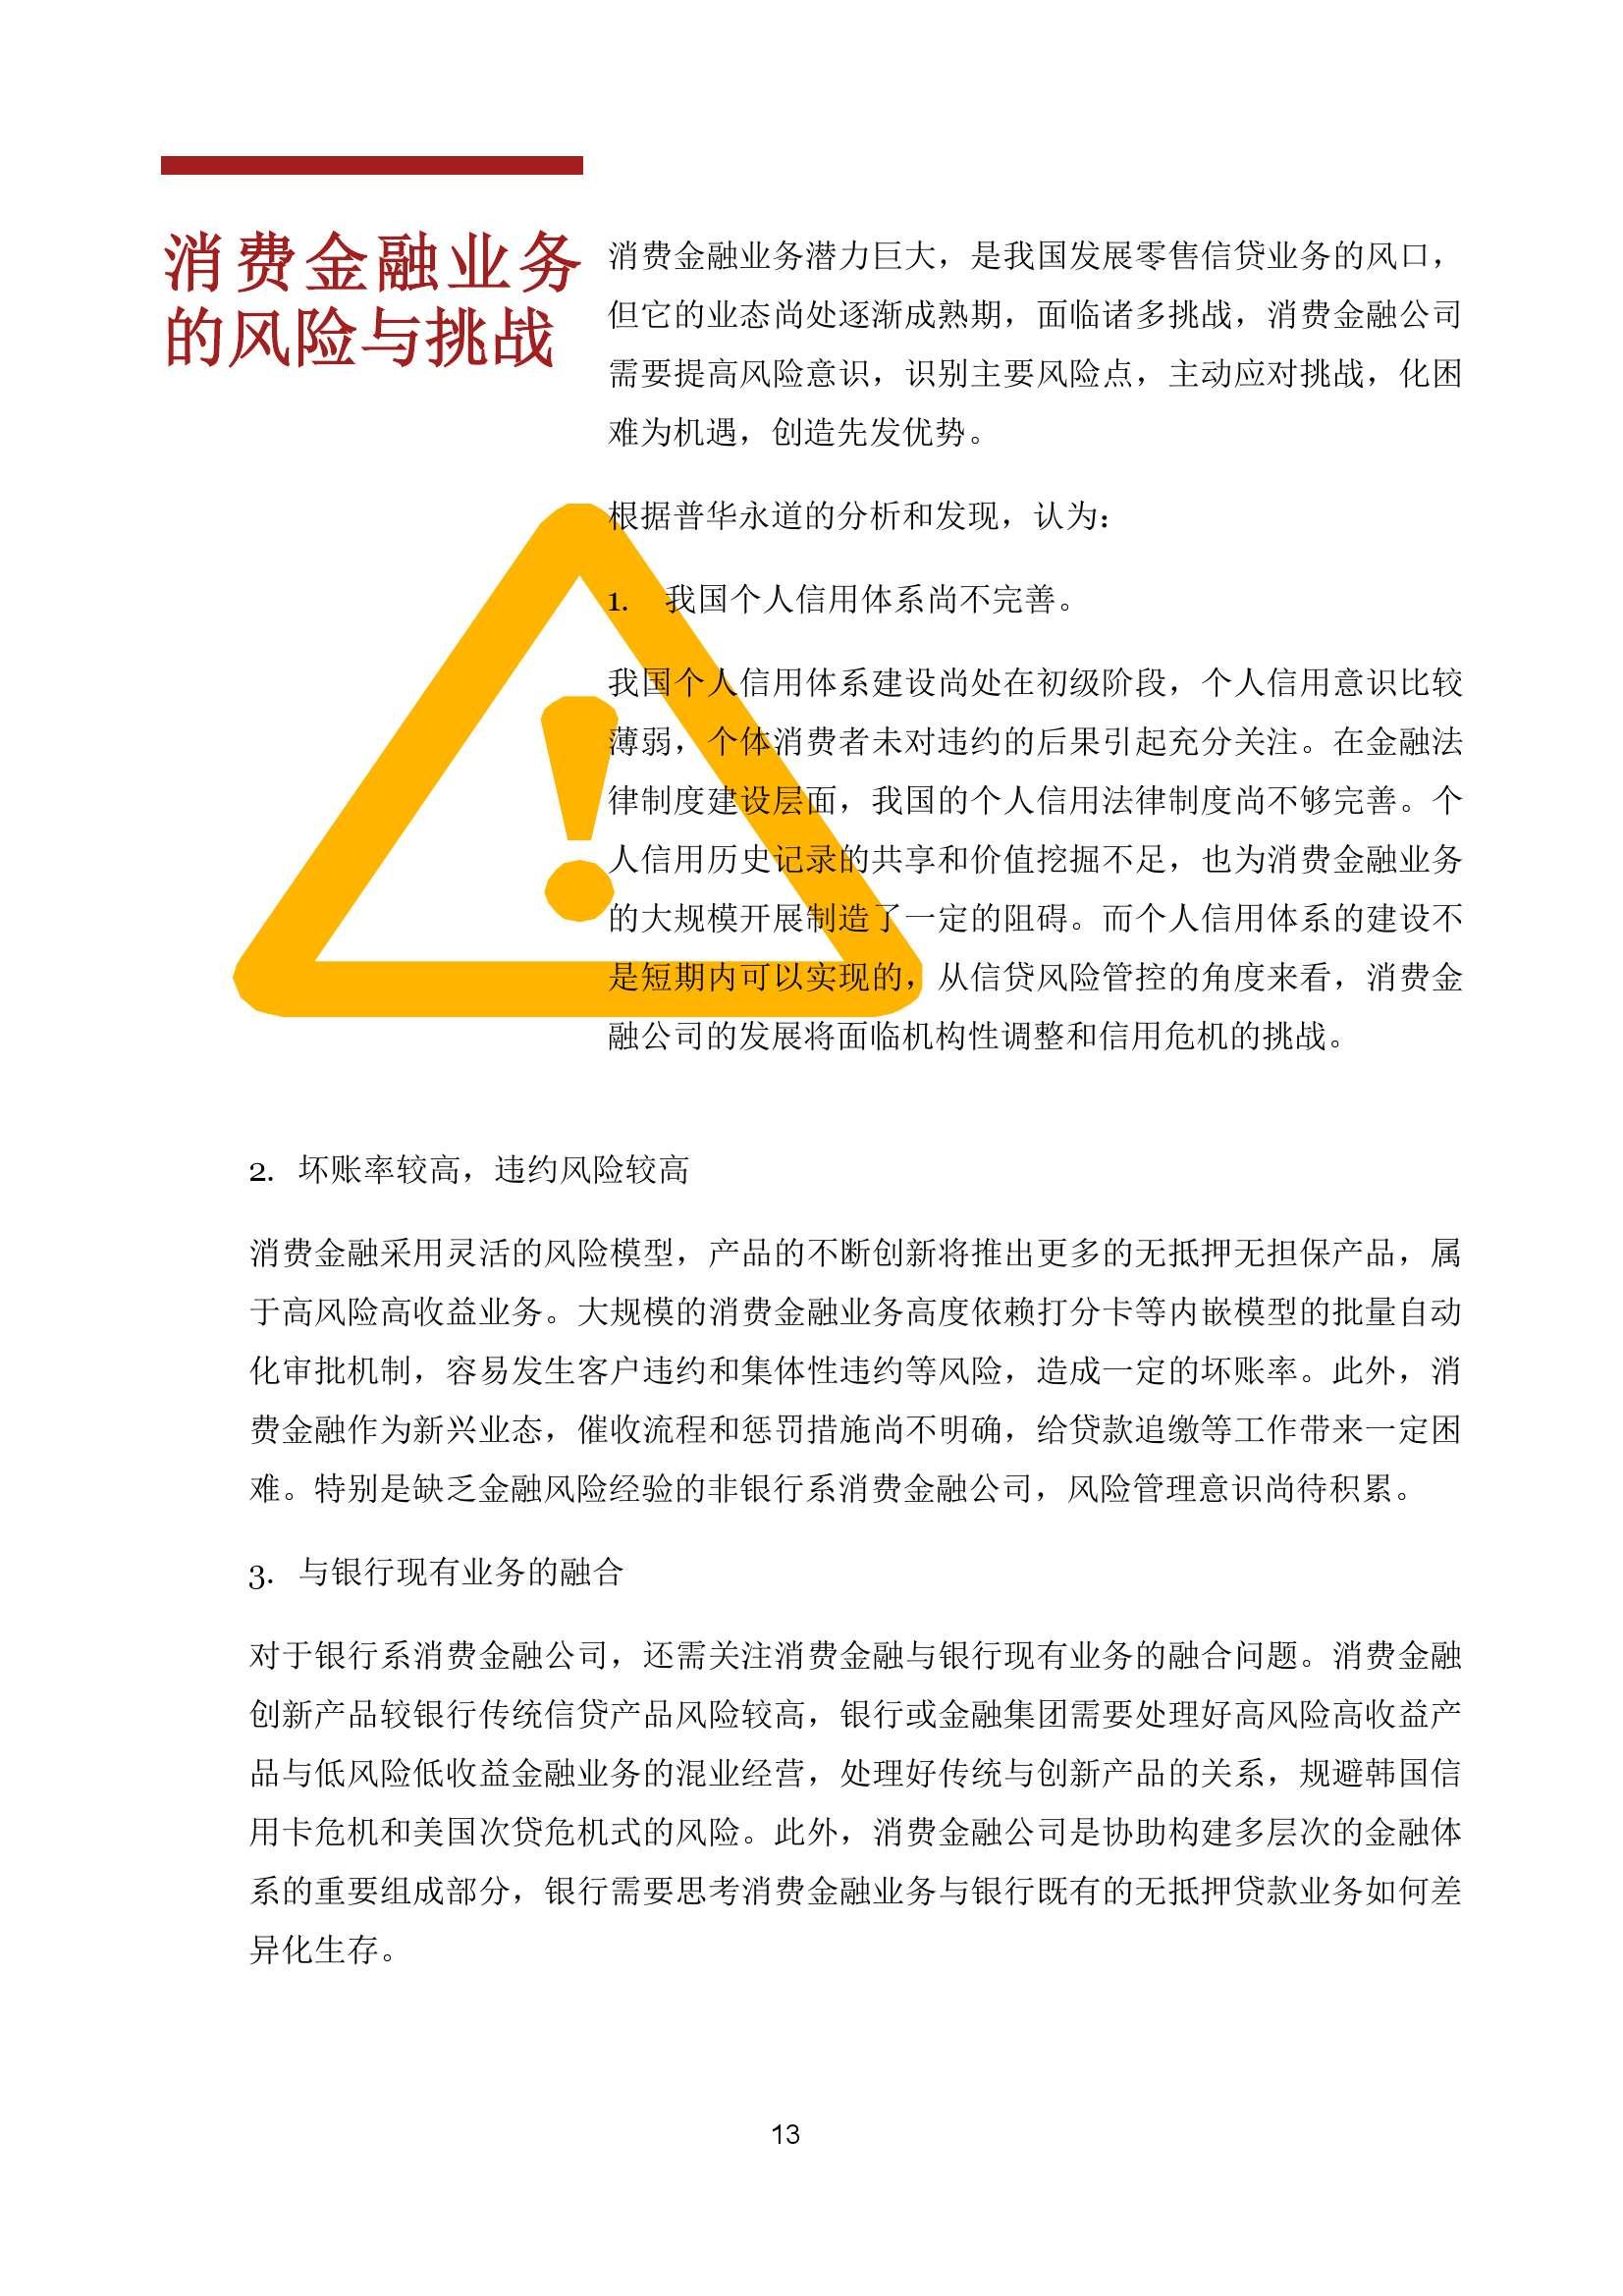 中国零售银行的蓝海_000013